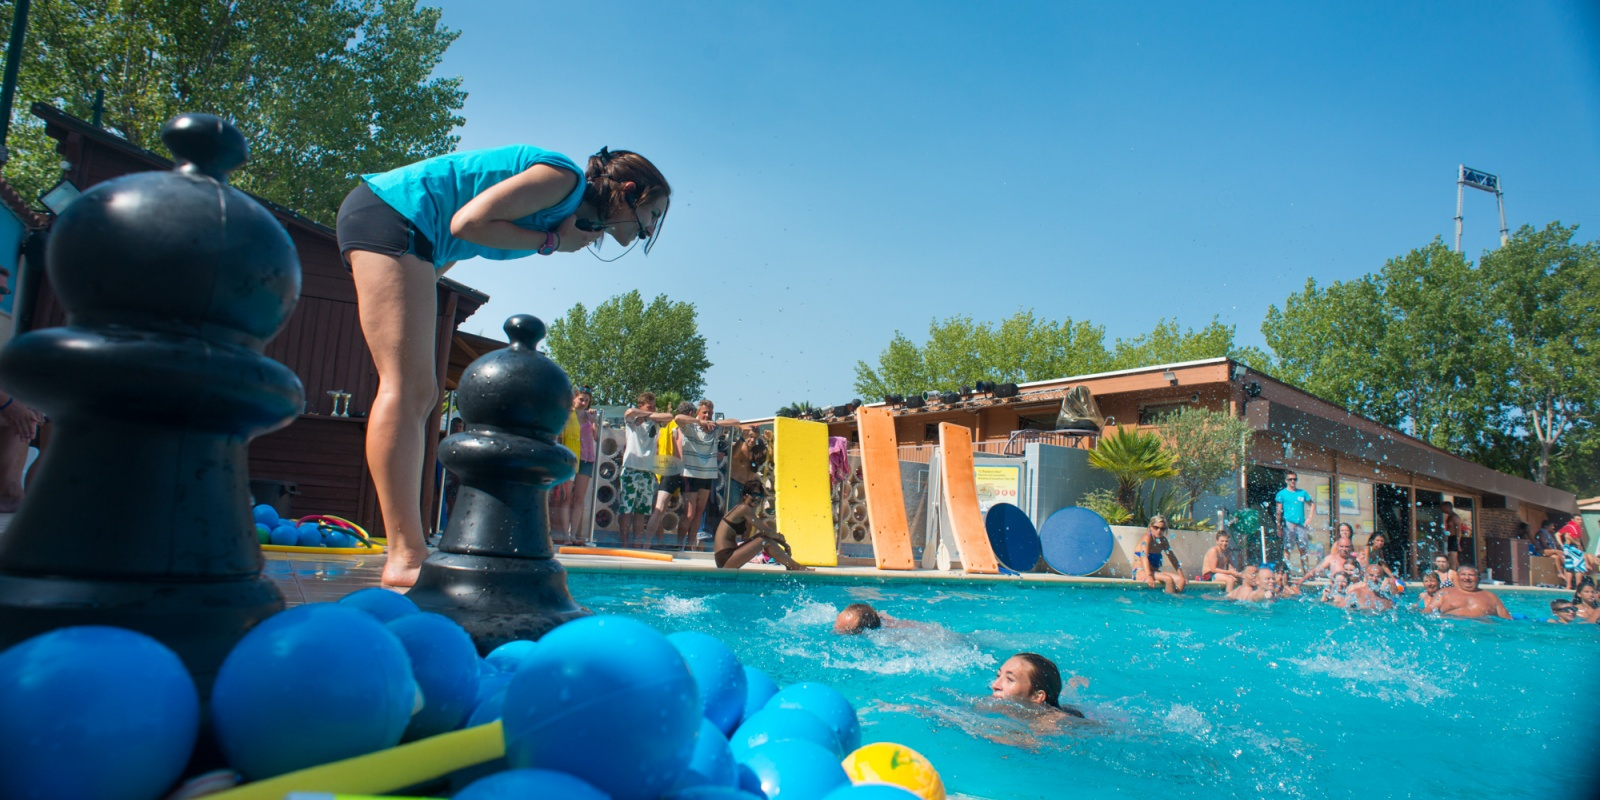 Piscine d 39 t piscine couverte camping au grau du roi for Camping dans les vosges avec piscine couverte